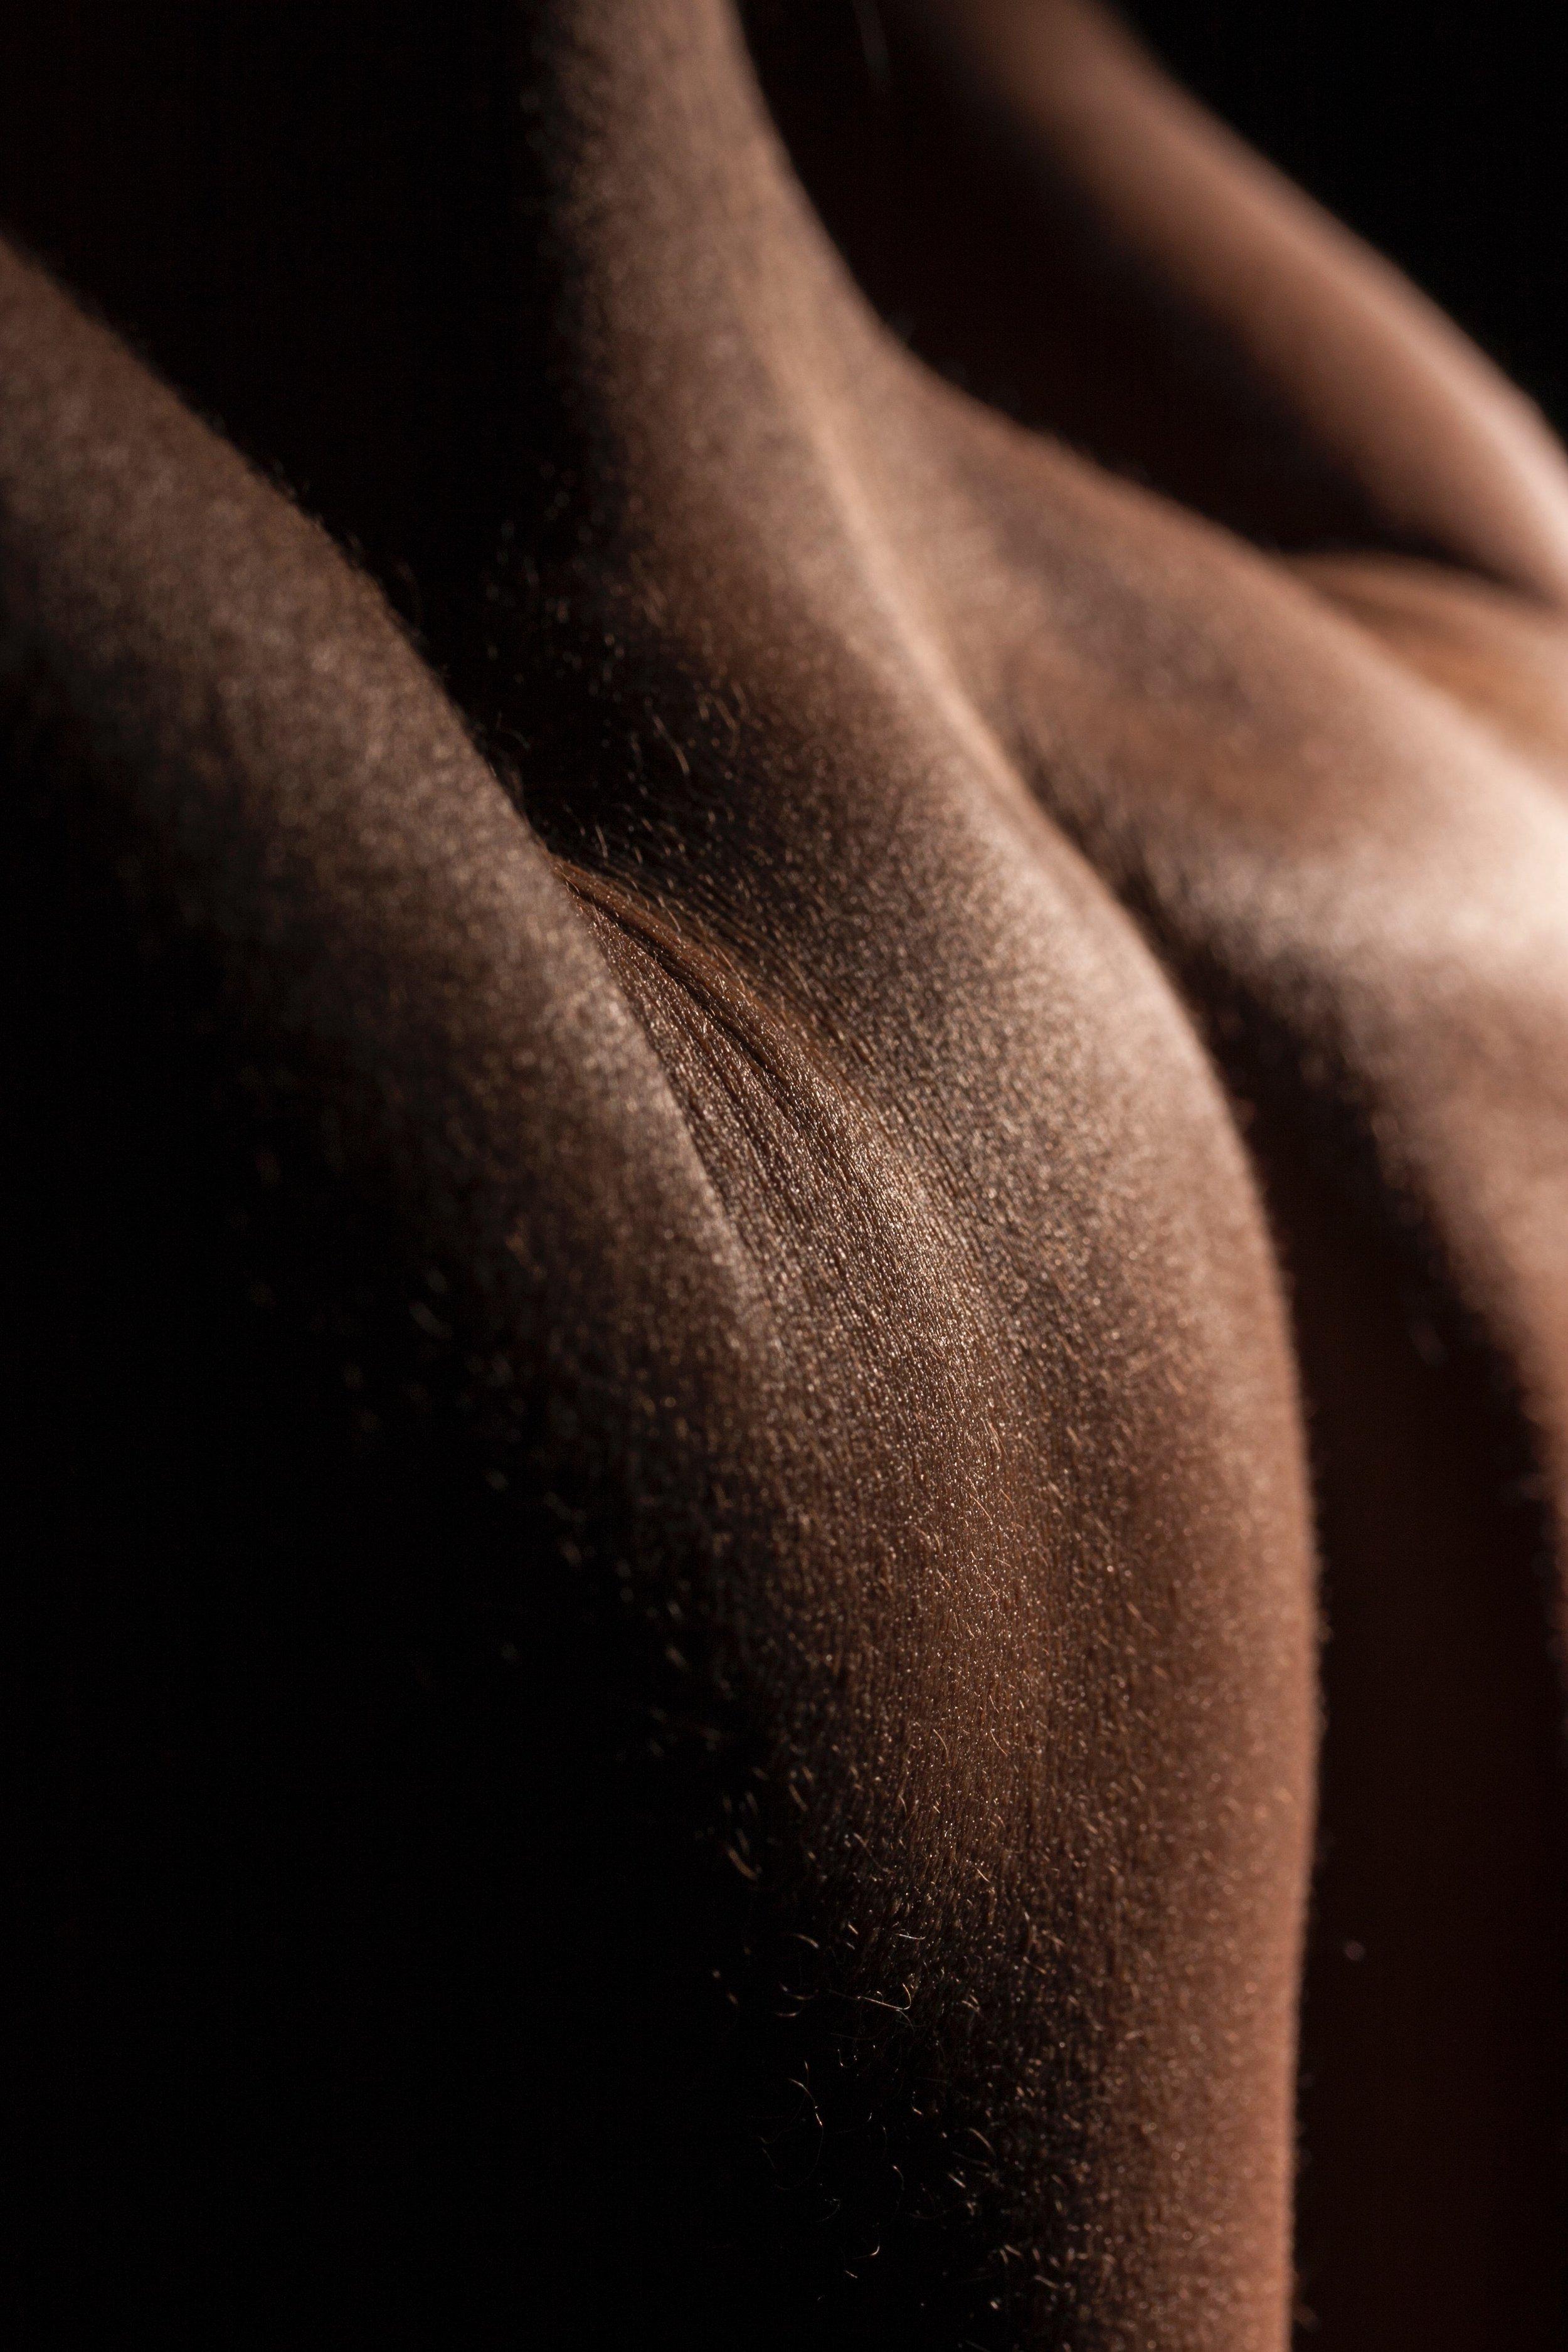 back-blur-body-1437343.jpg